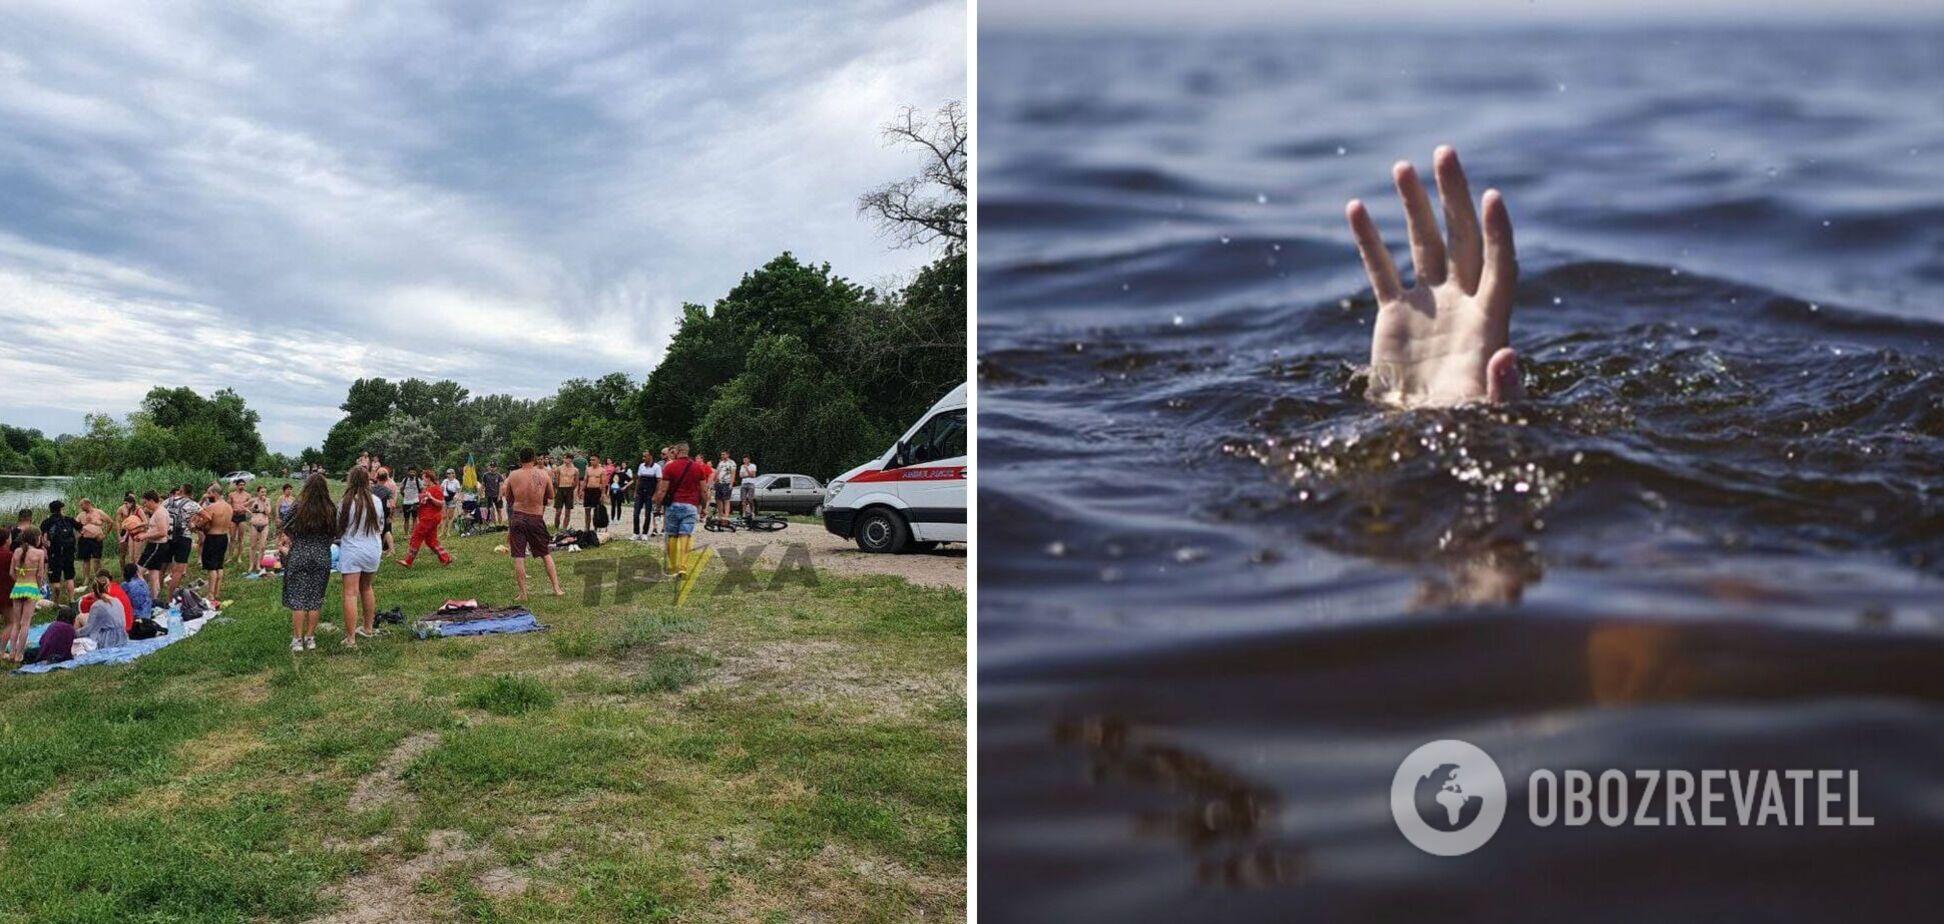 В Харькове в гидропарке утонула 15-летняя девушка. Фото и видео с места трагедии